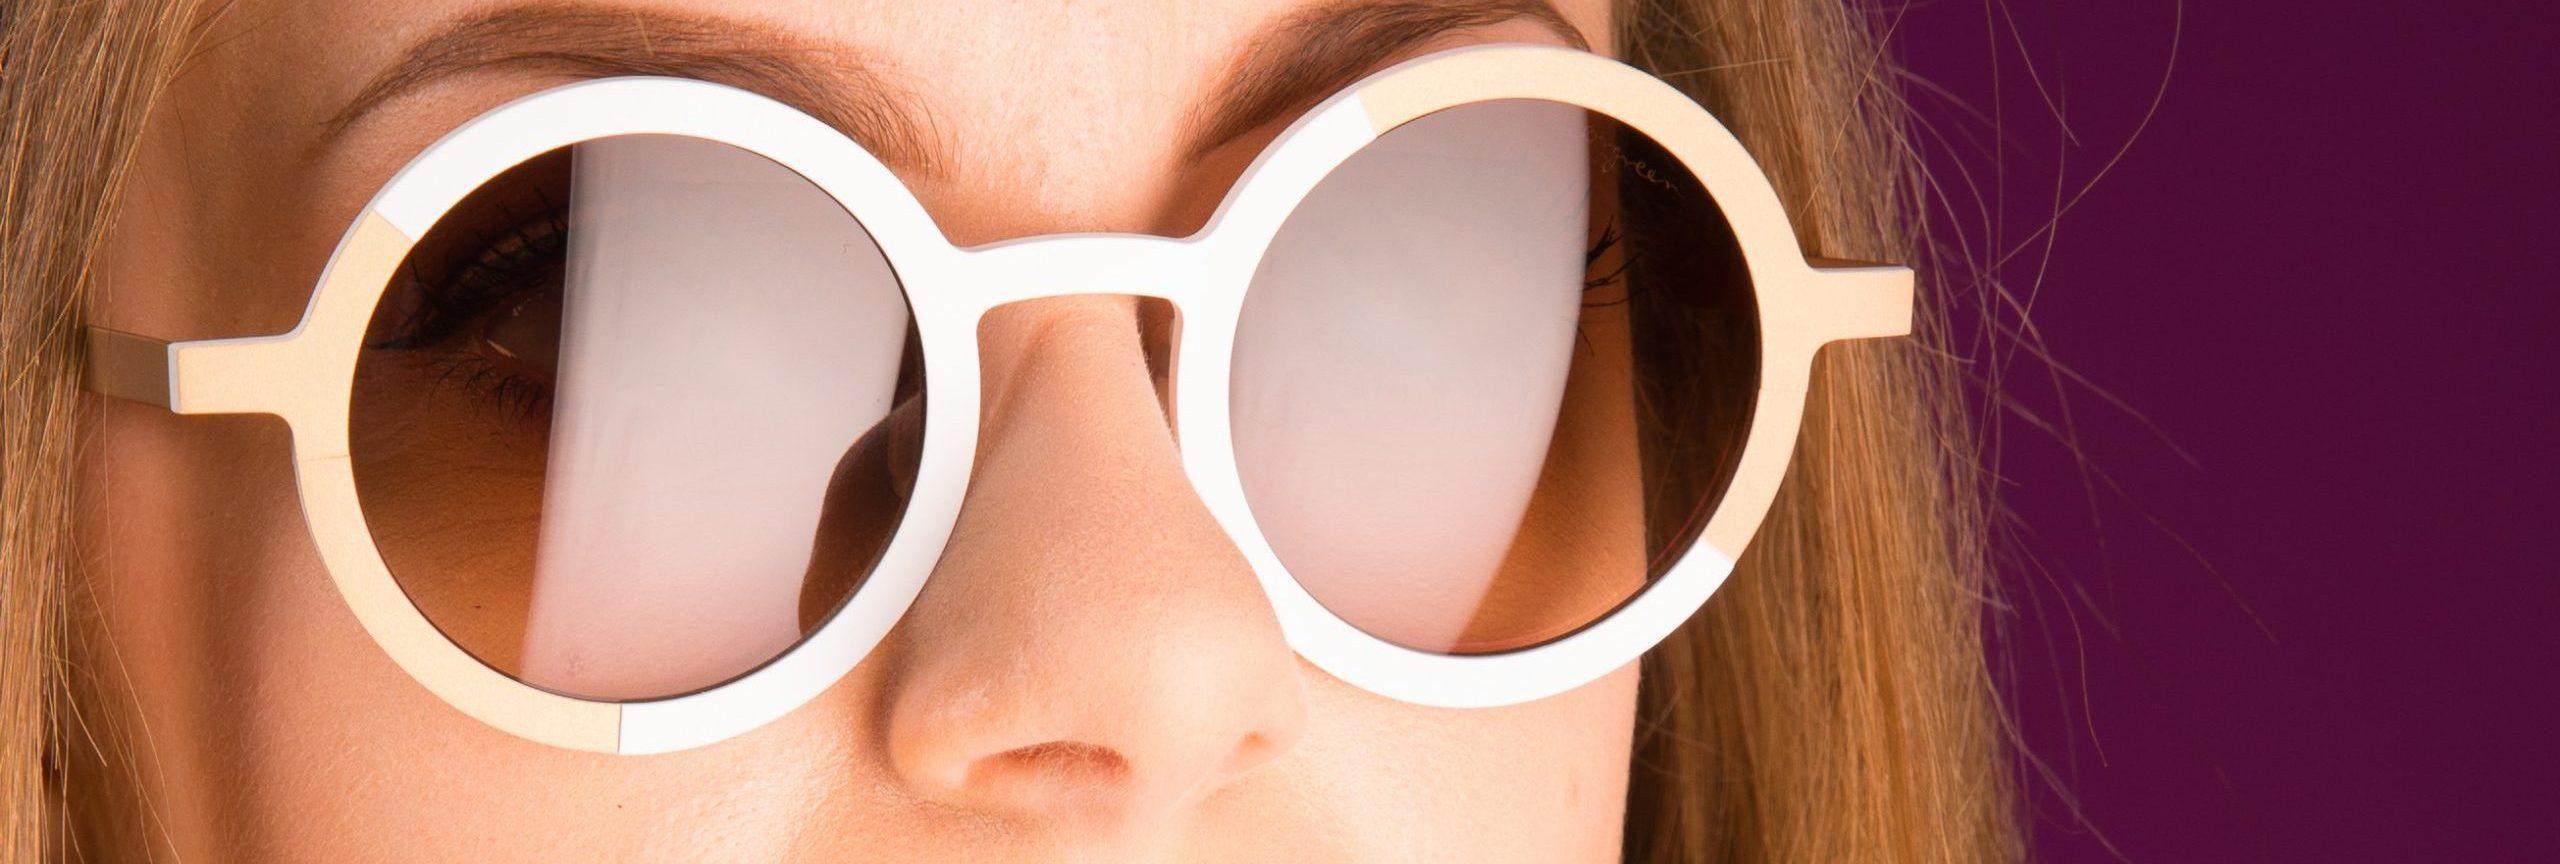 Sonnenbrille - UV- Schutz und Sonnenschutz